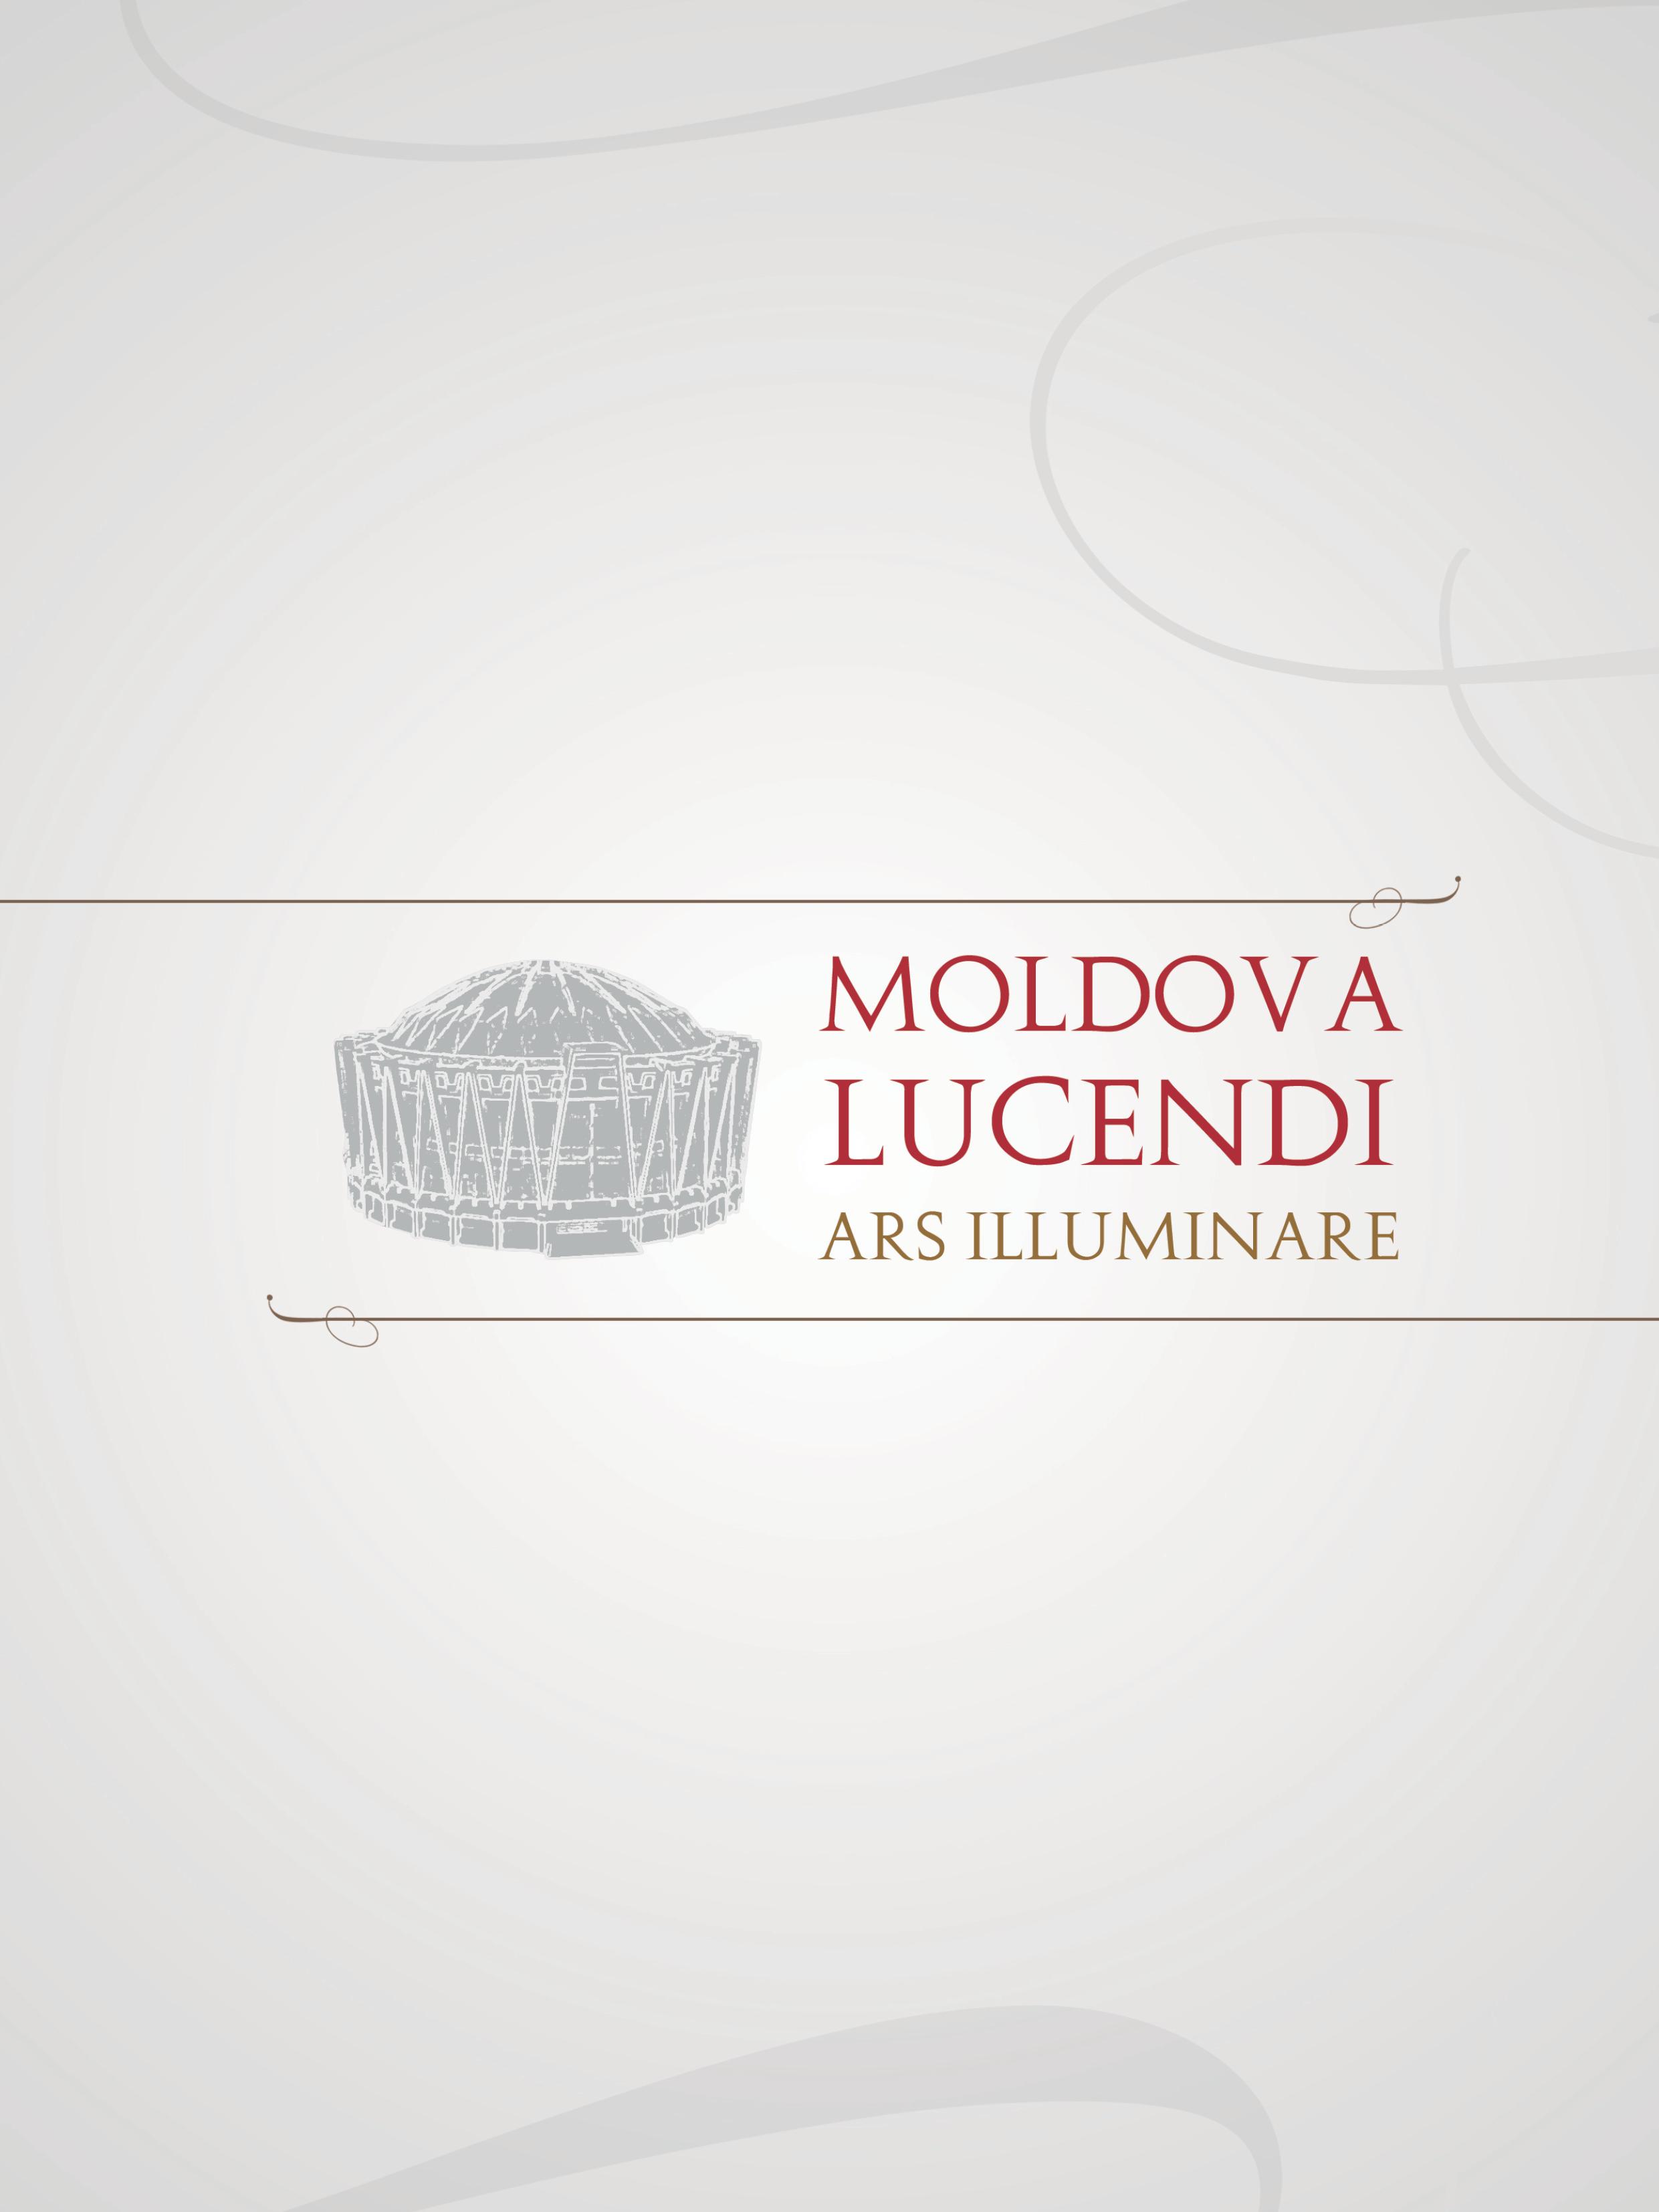 moldova_catalogo 2013